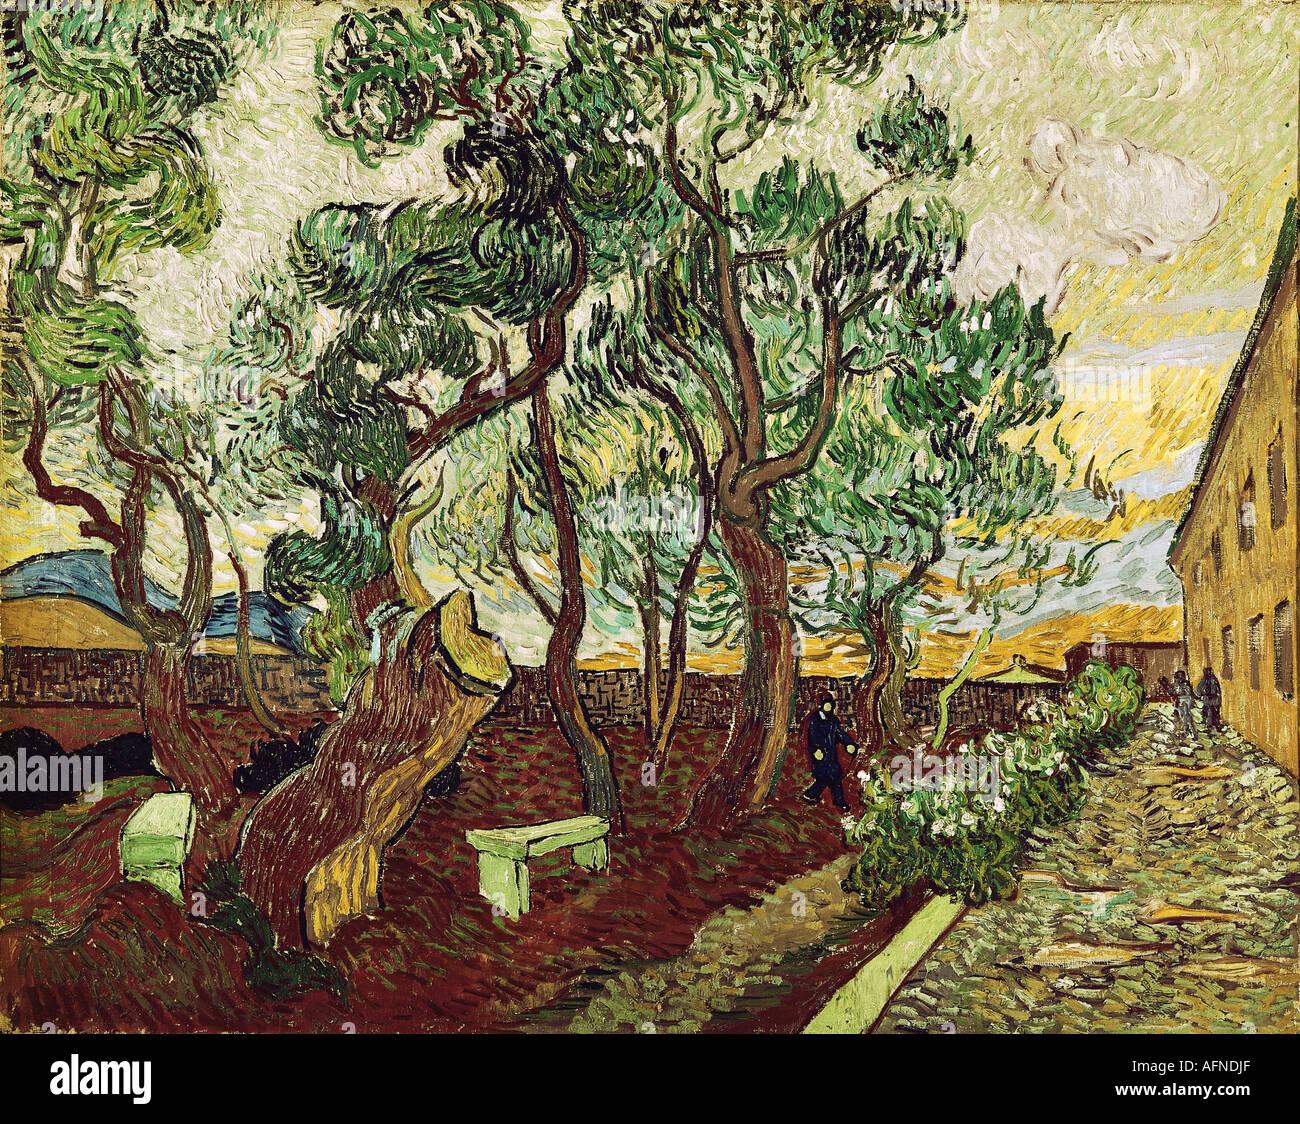 """""""Fine Arts, Gogh, Vincent van, (1853-1890), Malerei,""""le Jardin De La Maison des alines de Saint Remy"""", Stockbild"""